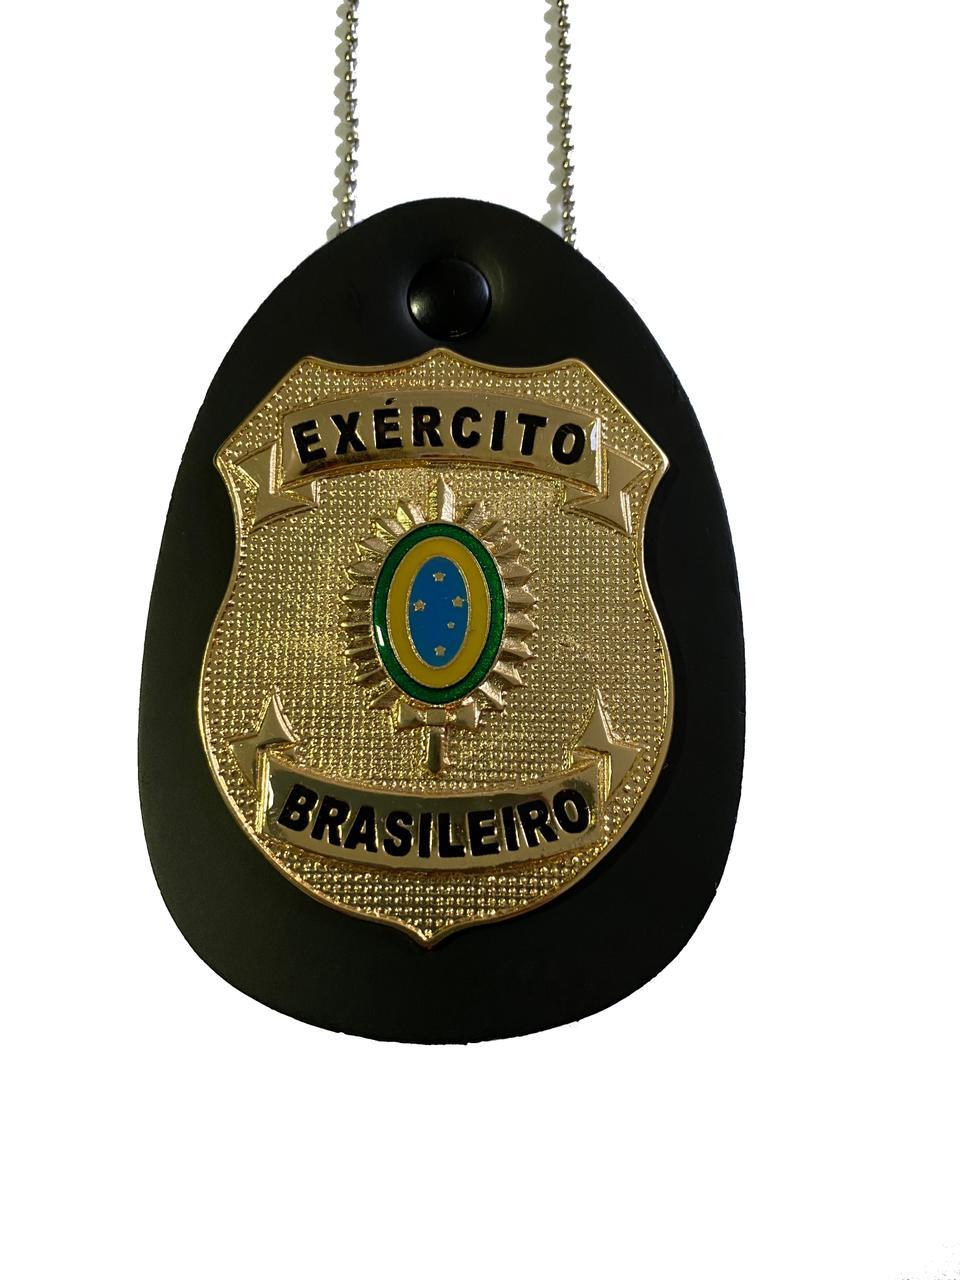 Exercito Brasileiro - EB novo modelo